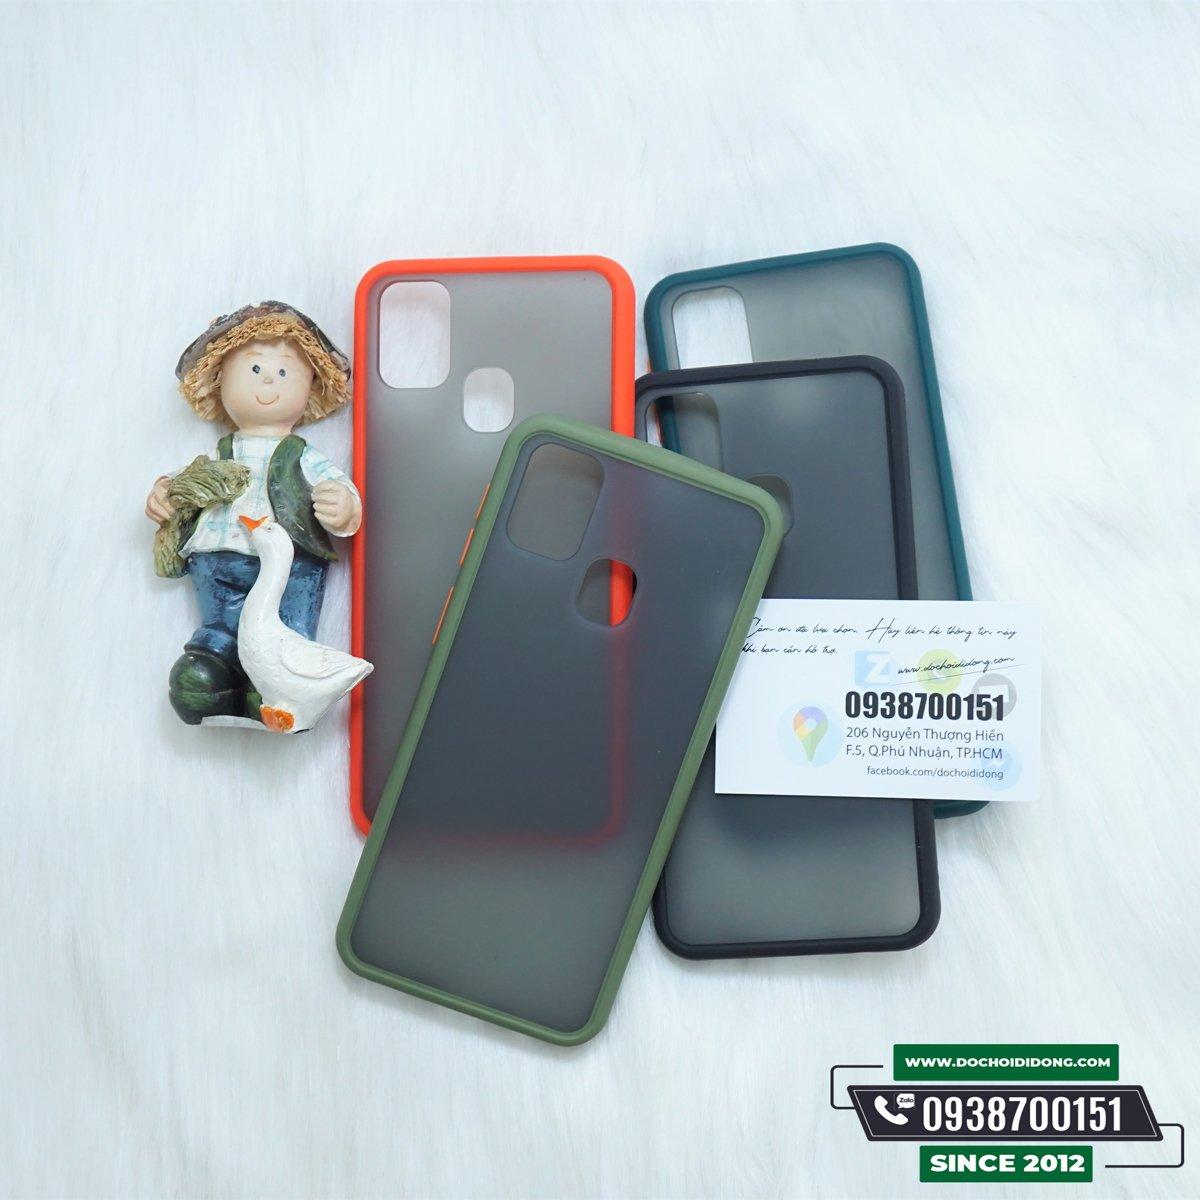 Ốp lưng Samsung M31 viền màu lưng nhám trong chống sốc